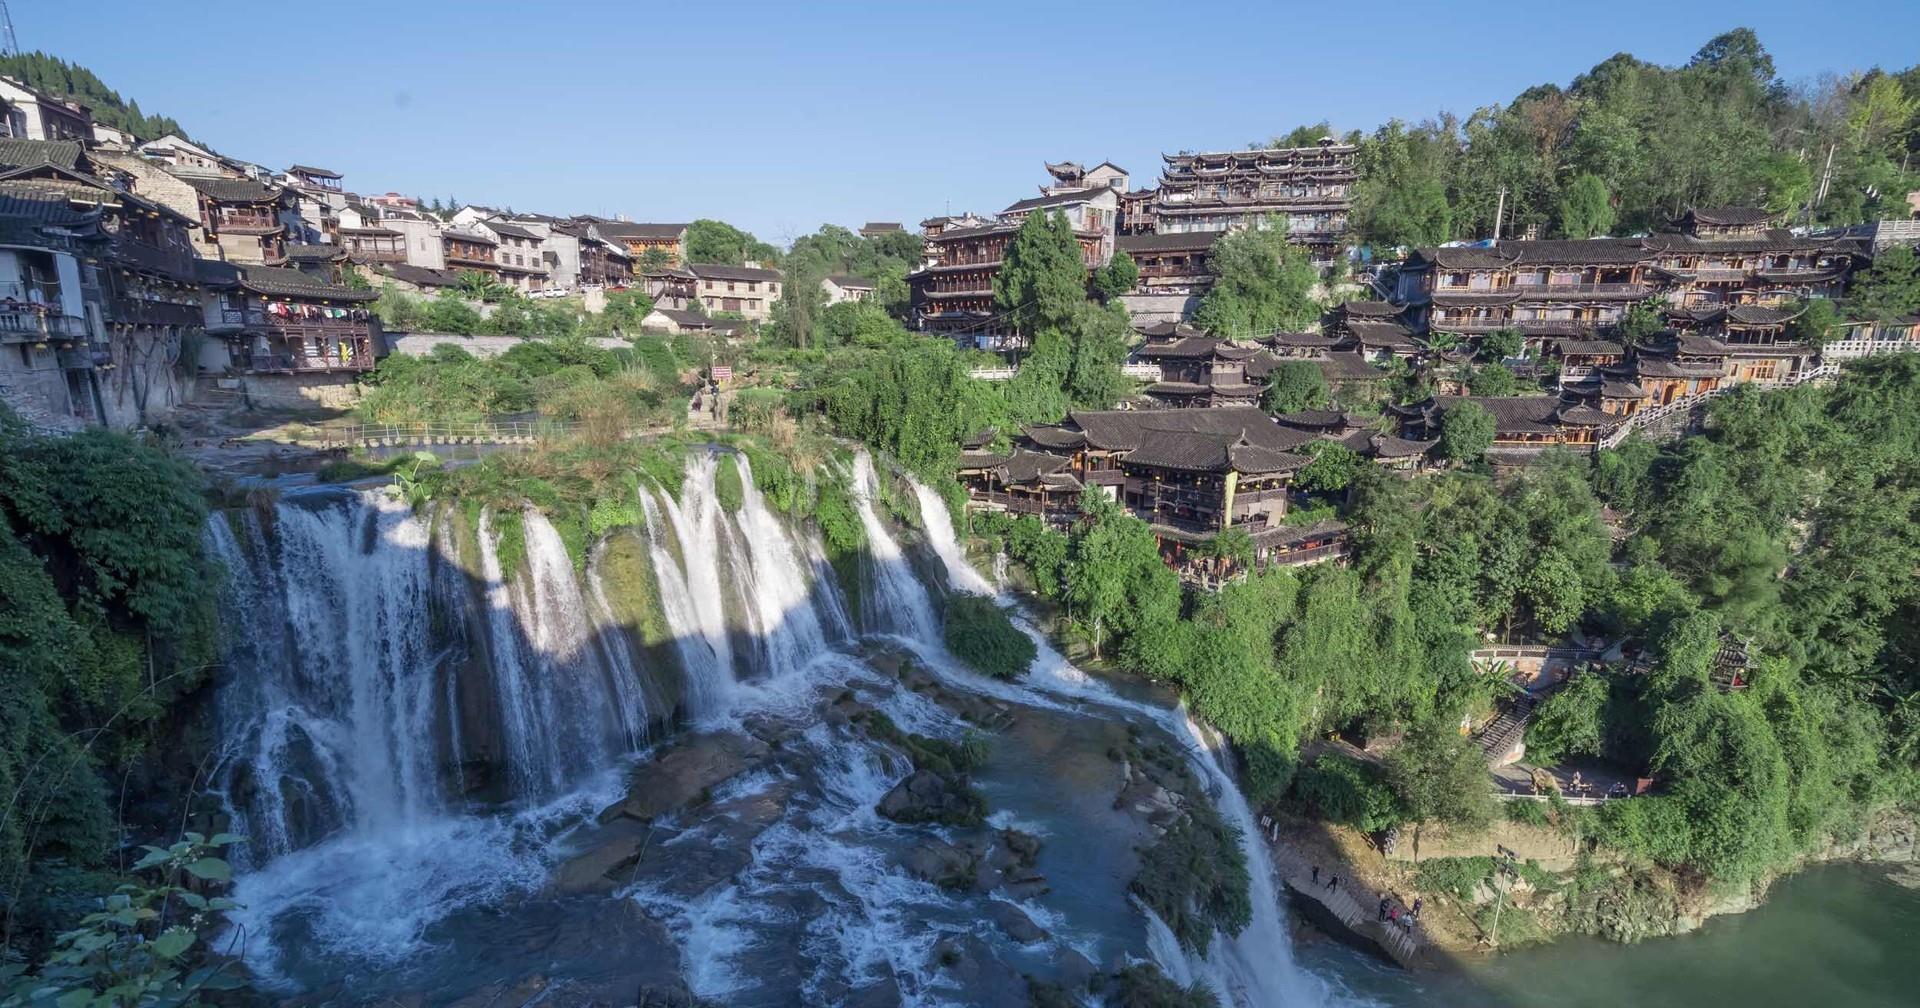 四川有个古镇, 依山傍水, 环境清幽, 让人想长住, 夏季还适合避暑..